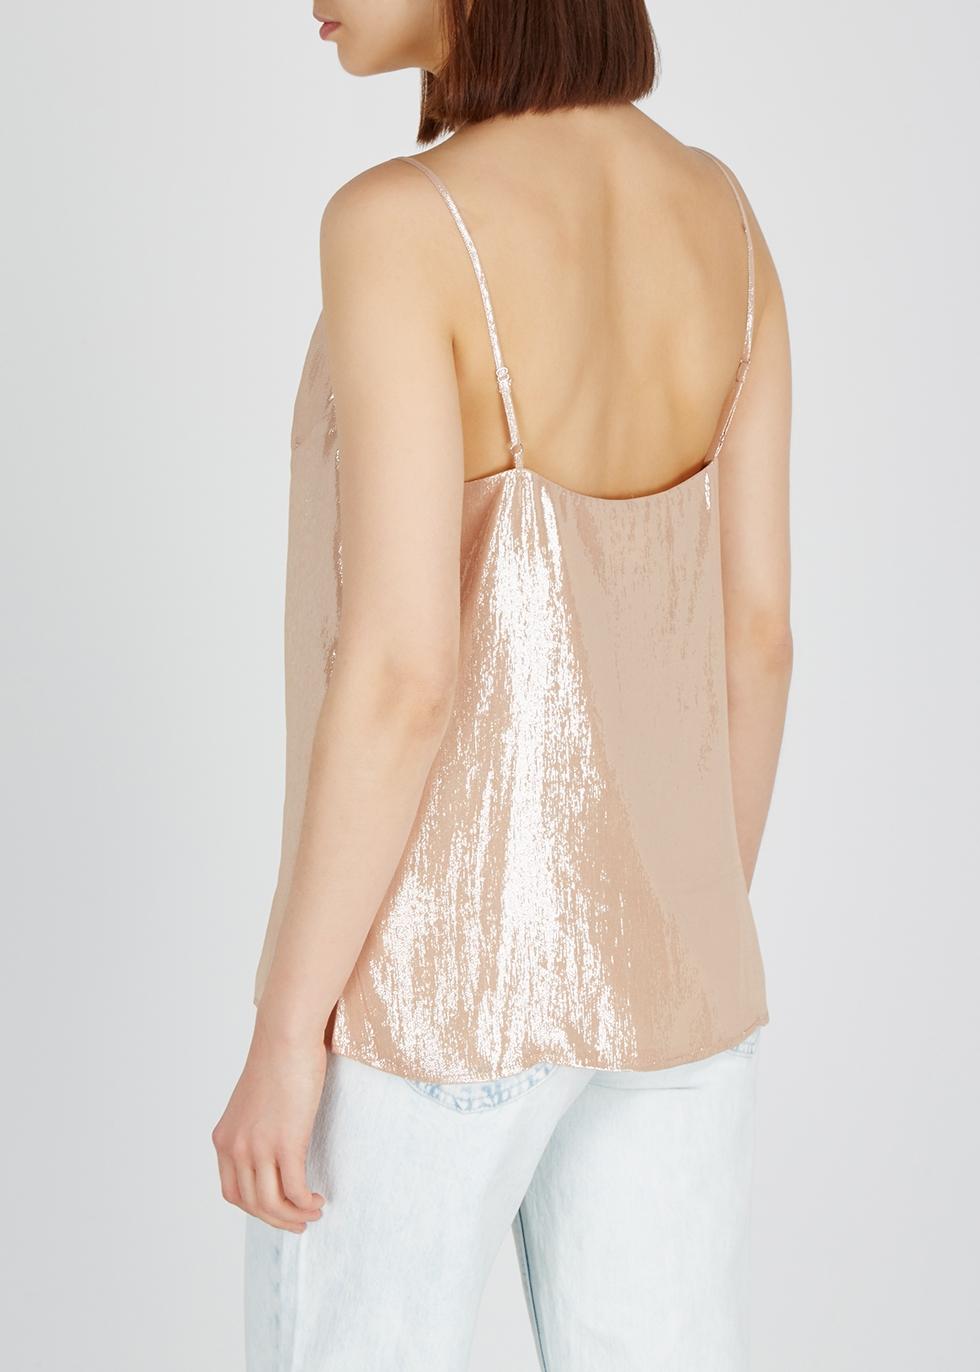 Olivia lamé silk-blend cami - Cami NYC